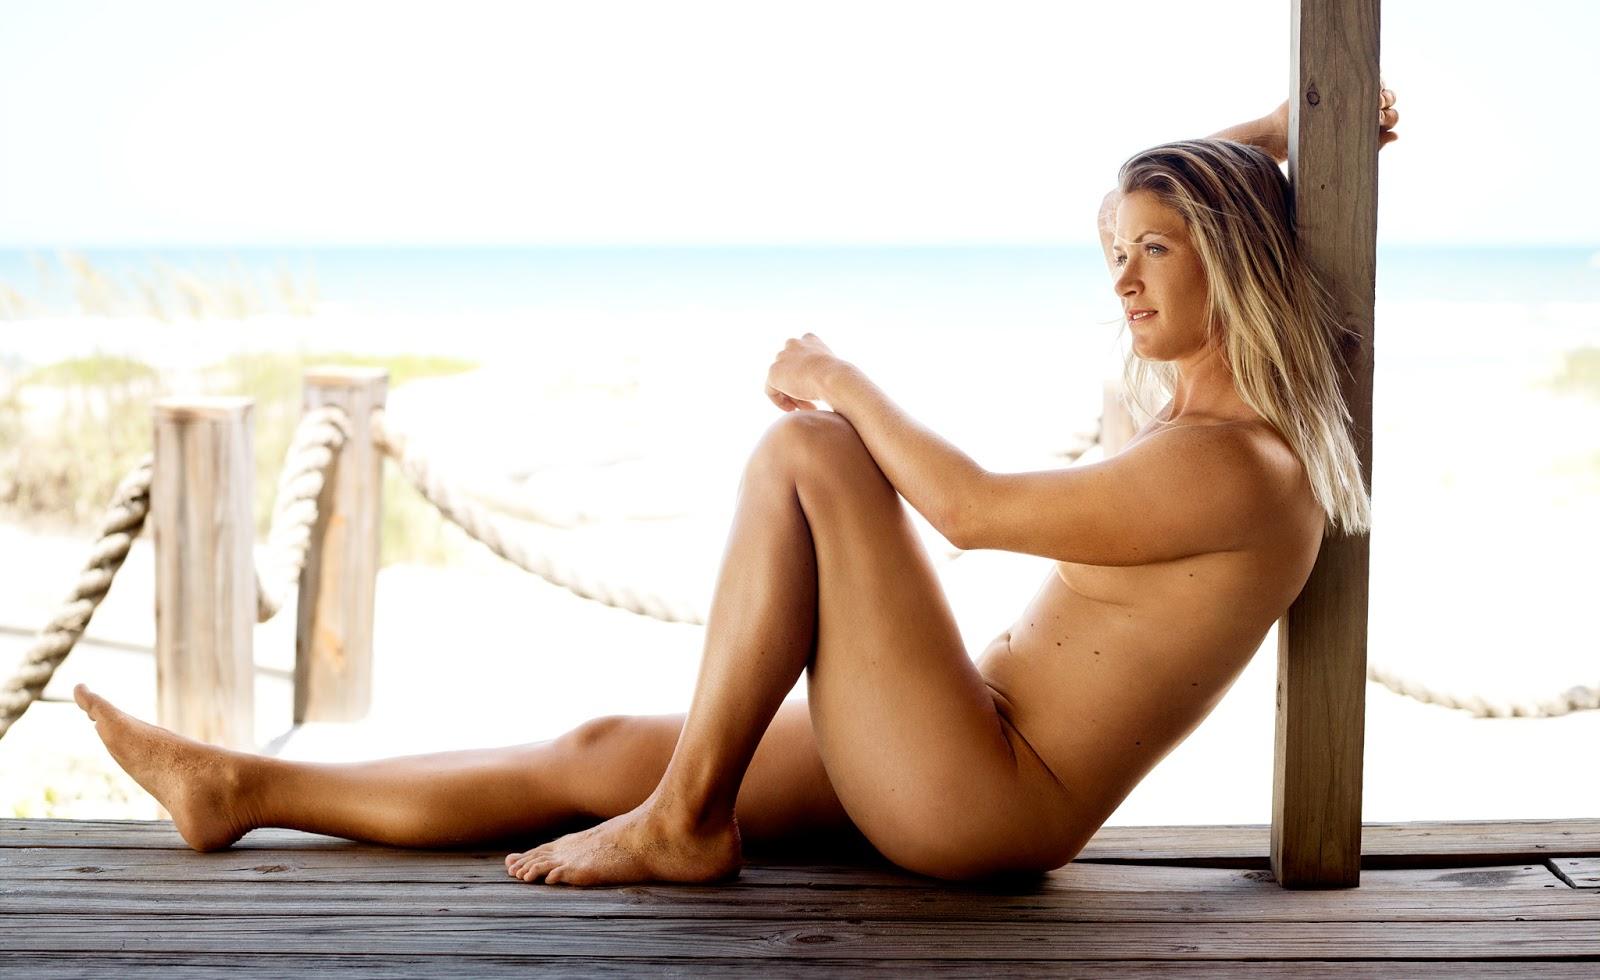 frekke jenter sophie el nakenbilde påt